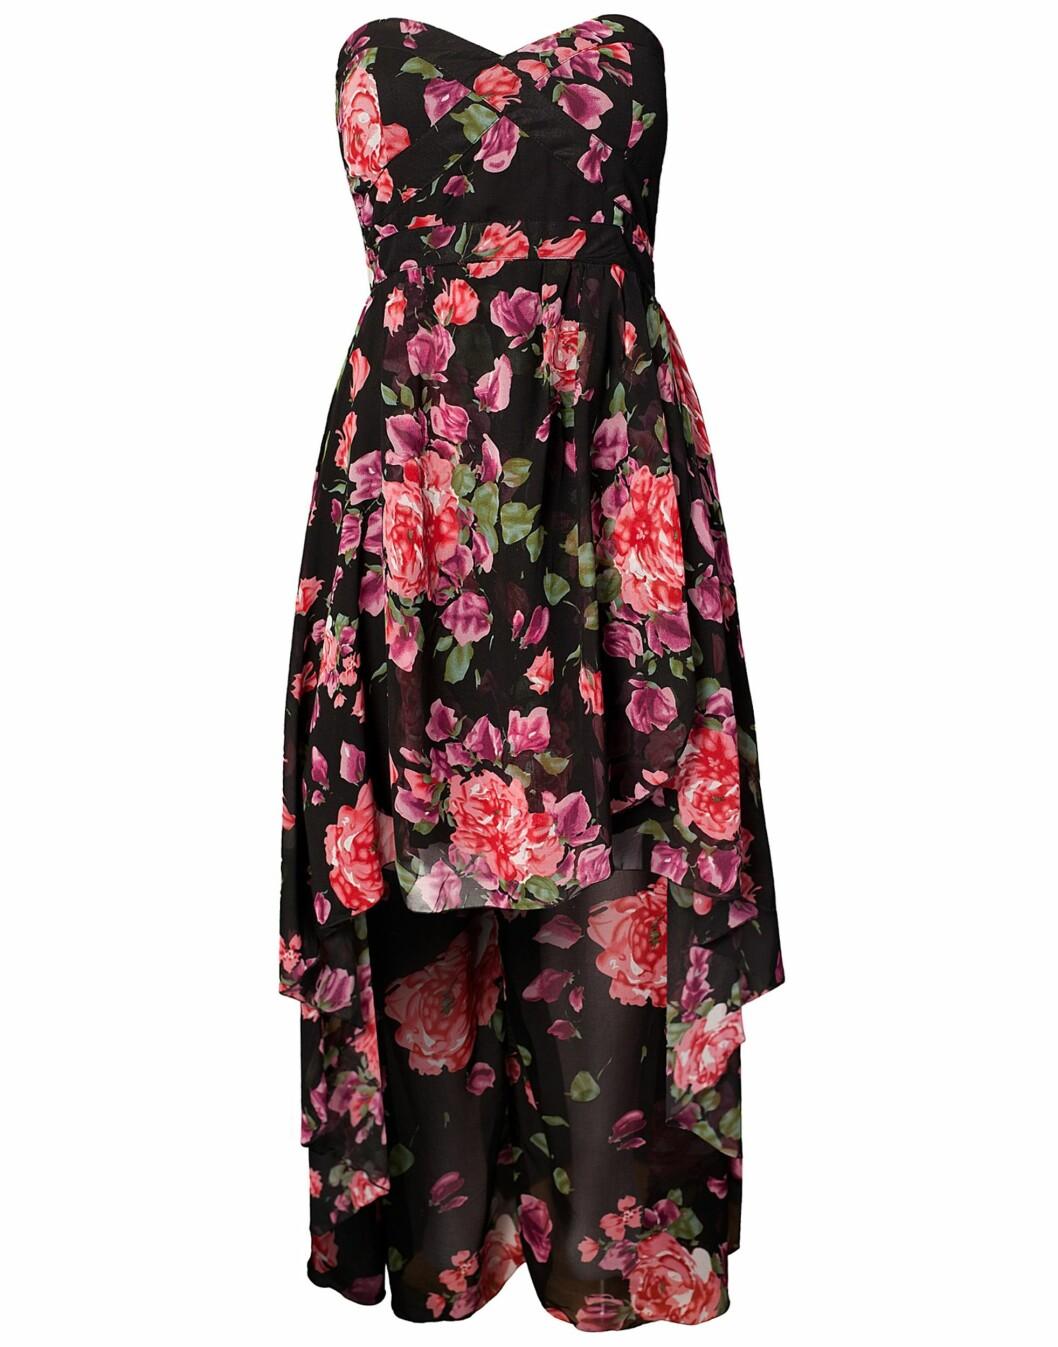 Kjole som er kort foran og lang bak fra Ax Paris(kr 379/nelly.com). Foto: Produsent